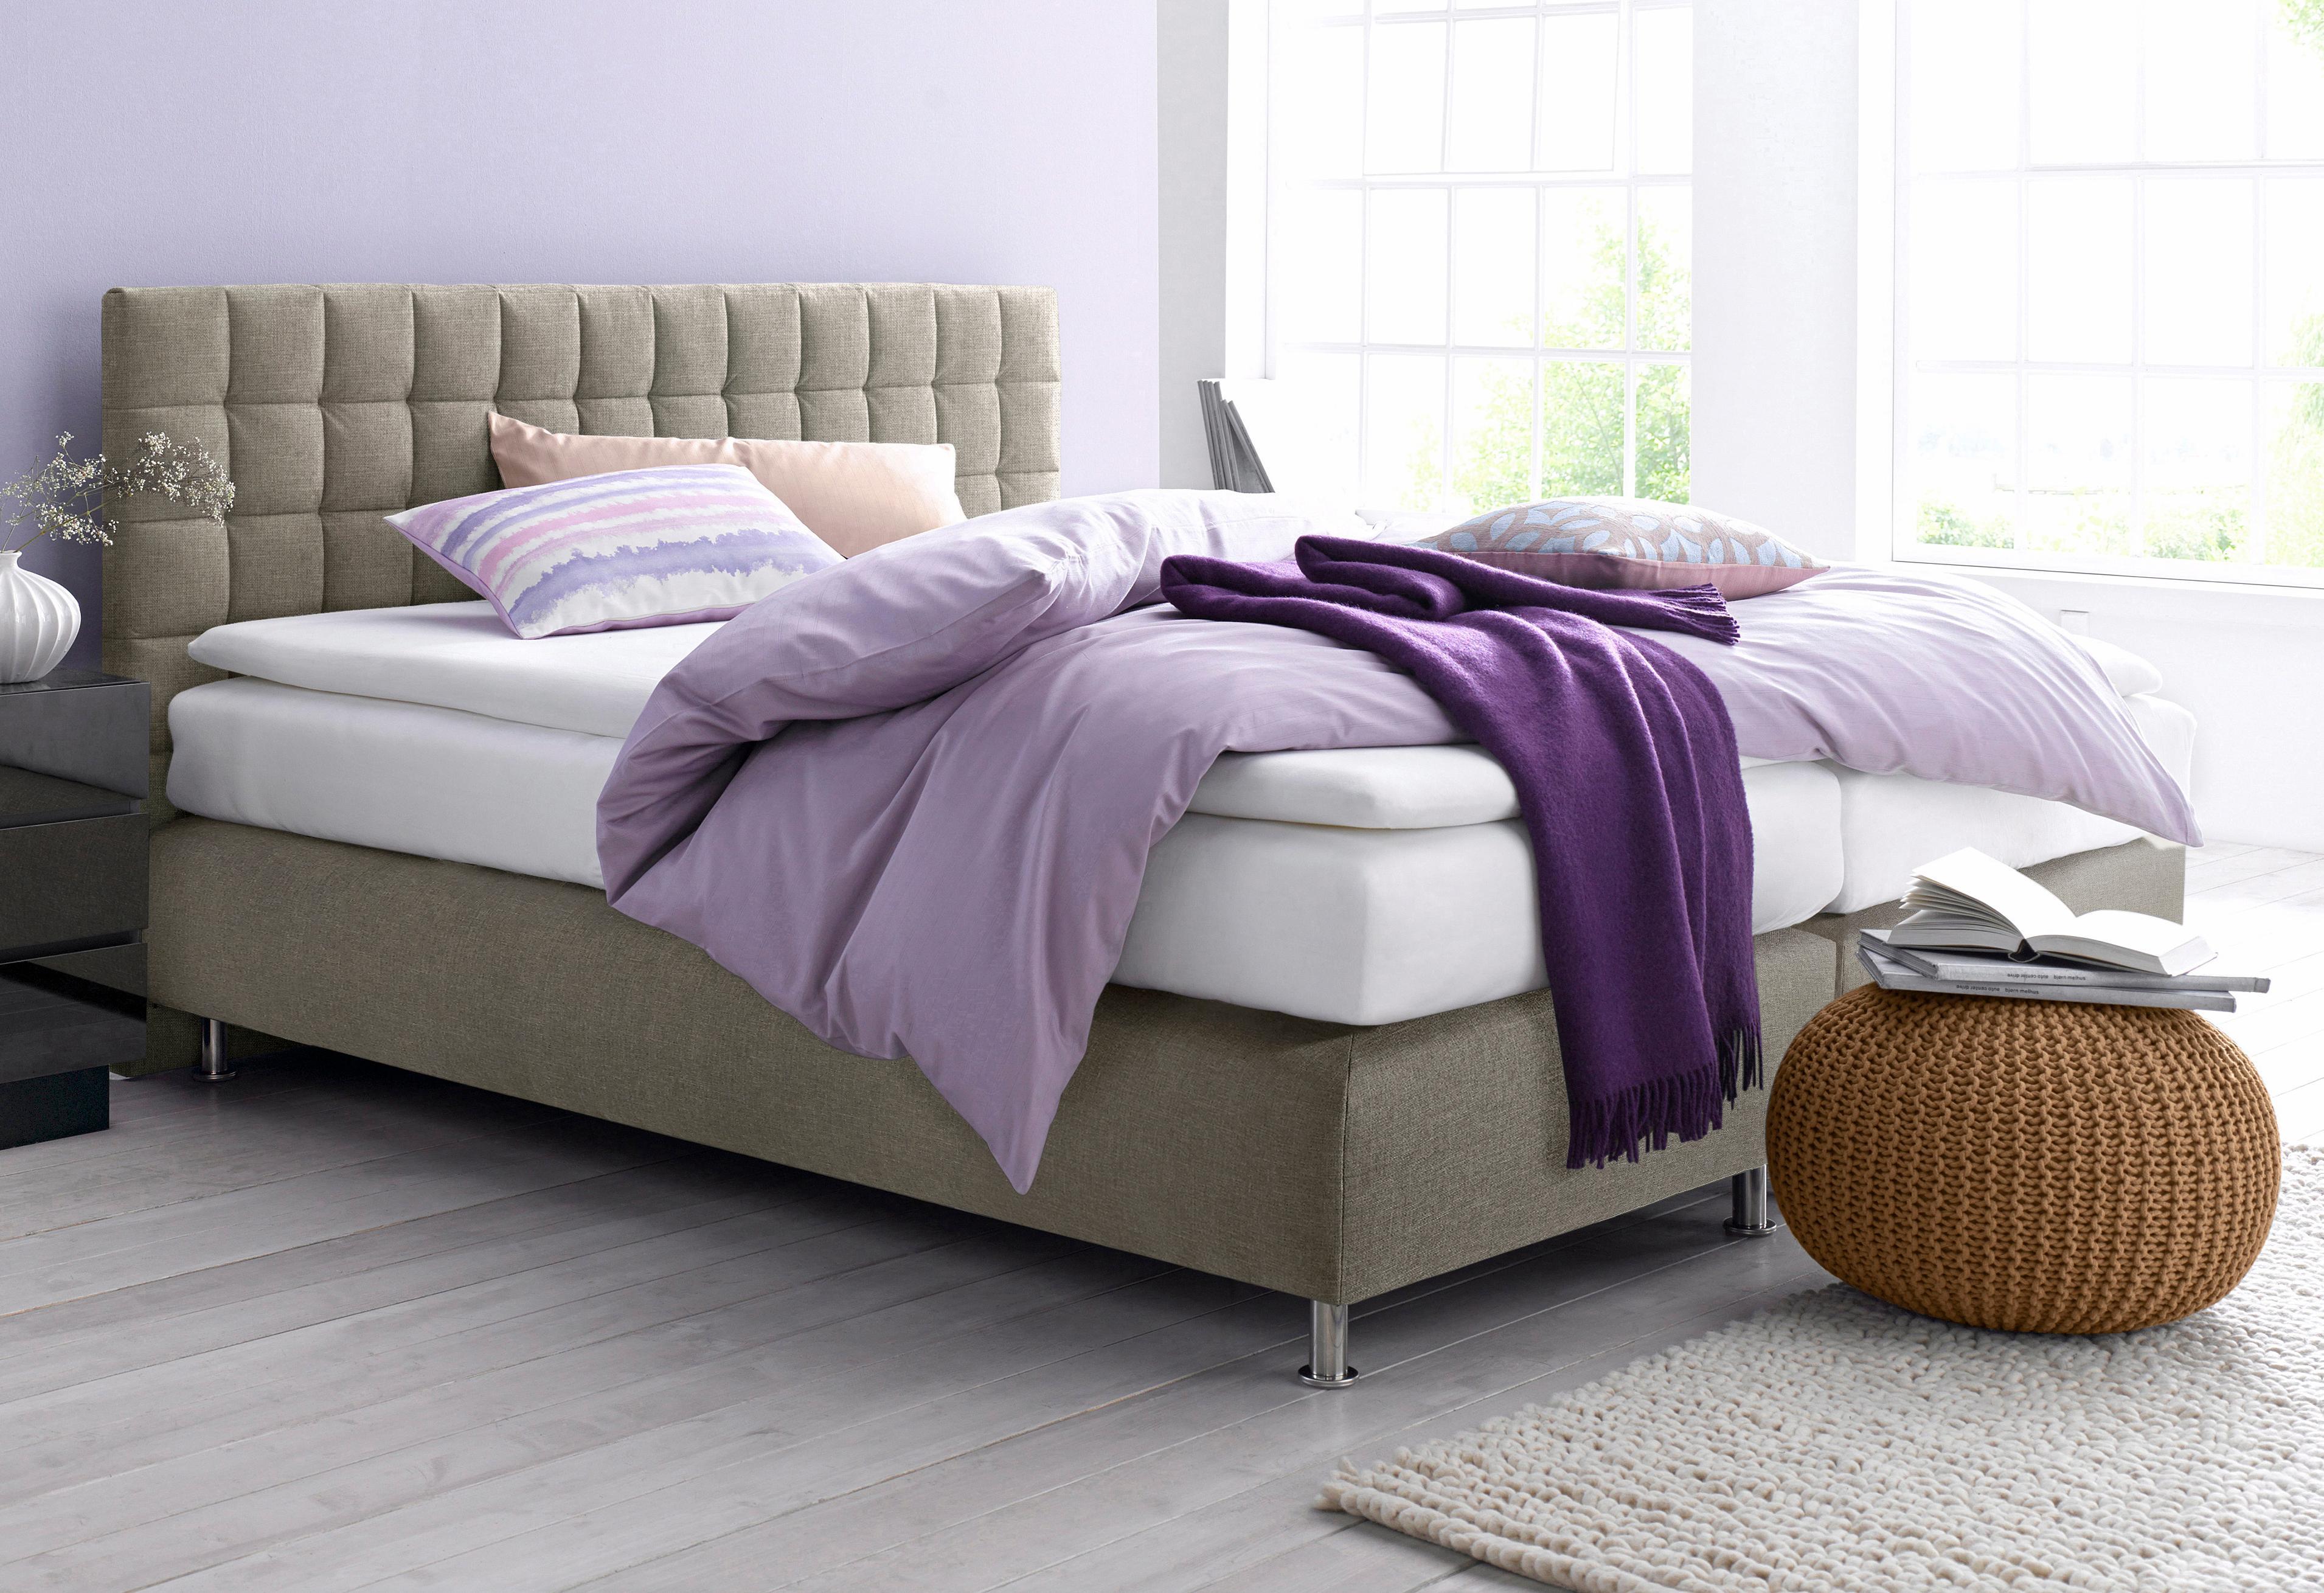 westfalia schlafkomfort boxspringbett bequem auf rechnung kaufen. Black Bedroom Furniture Sets. Home Design Ideas